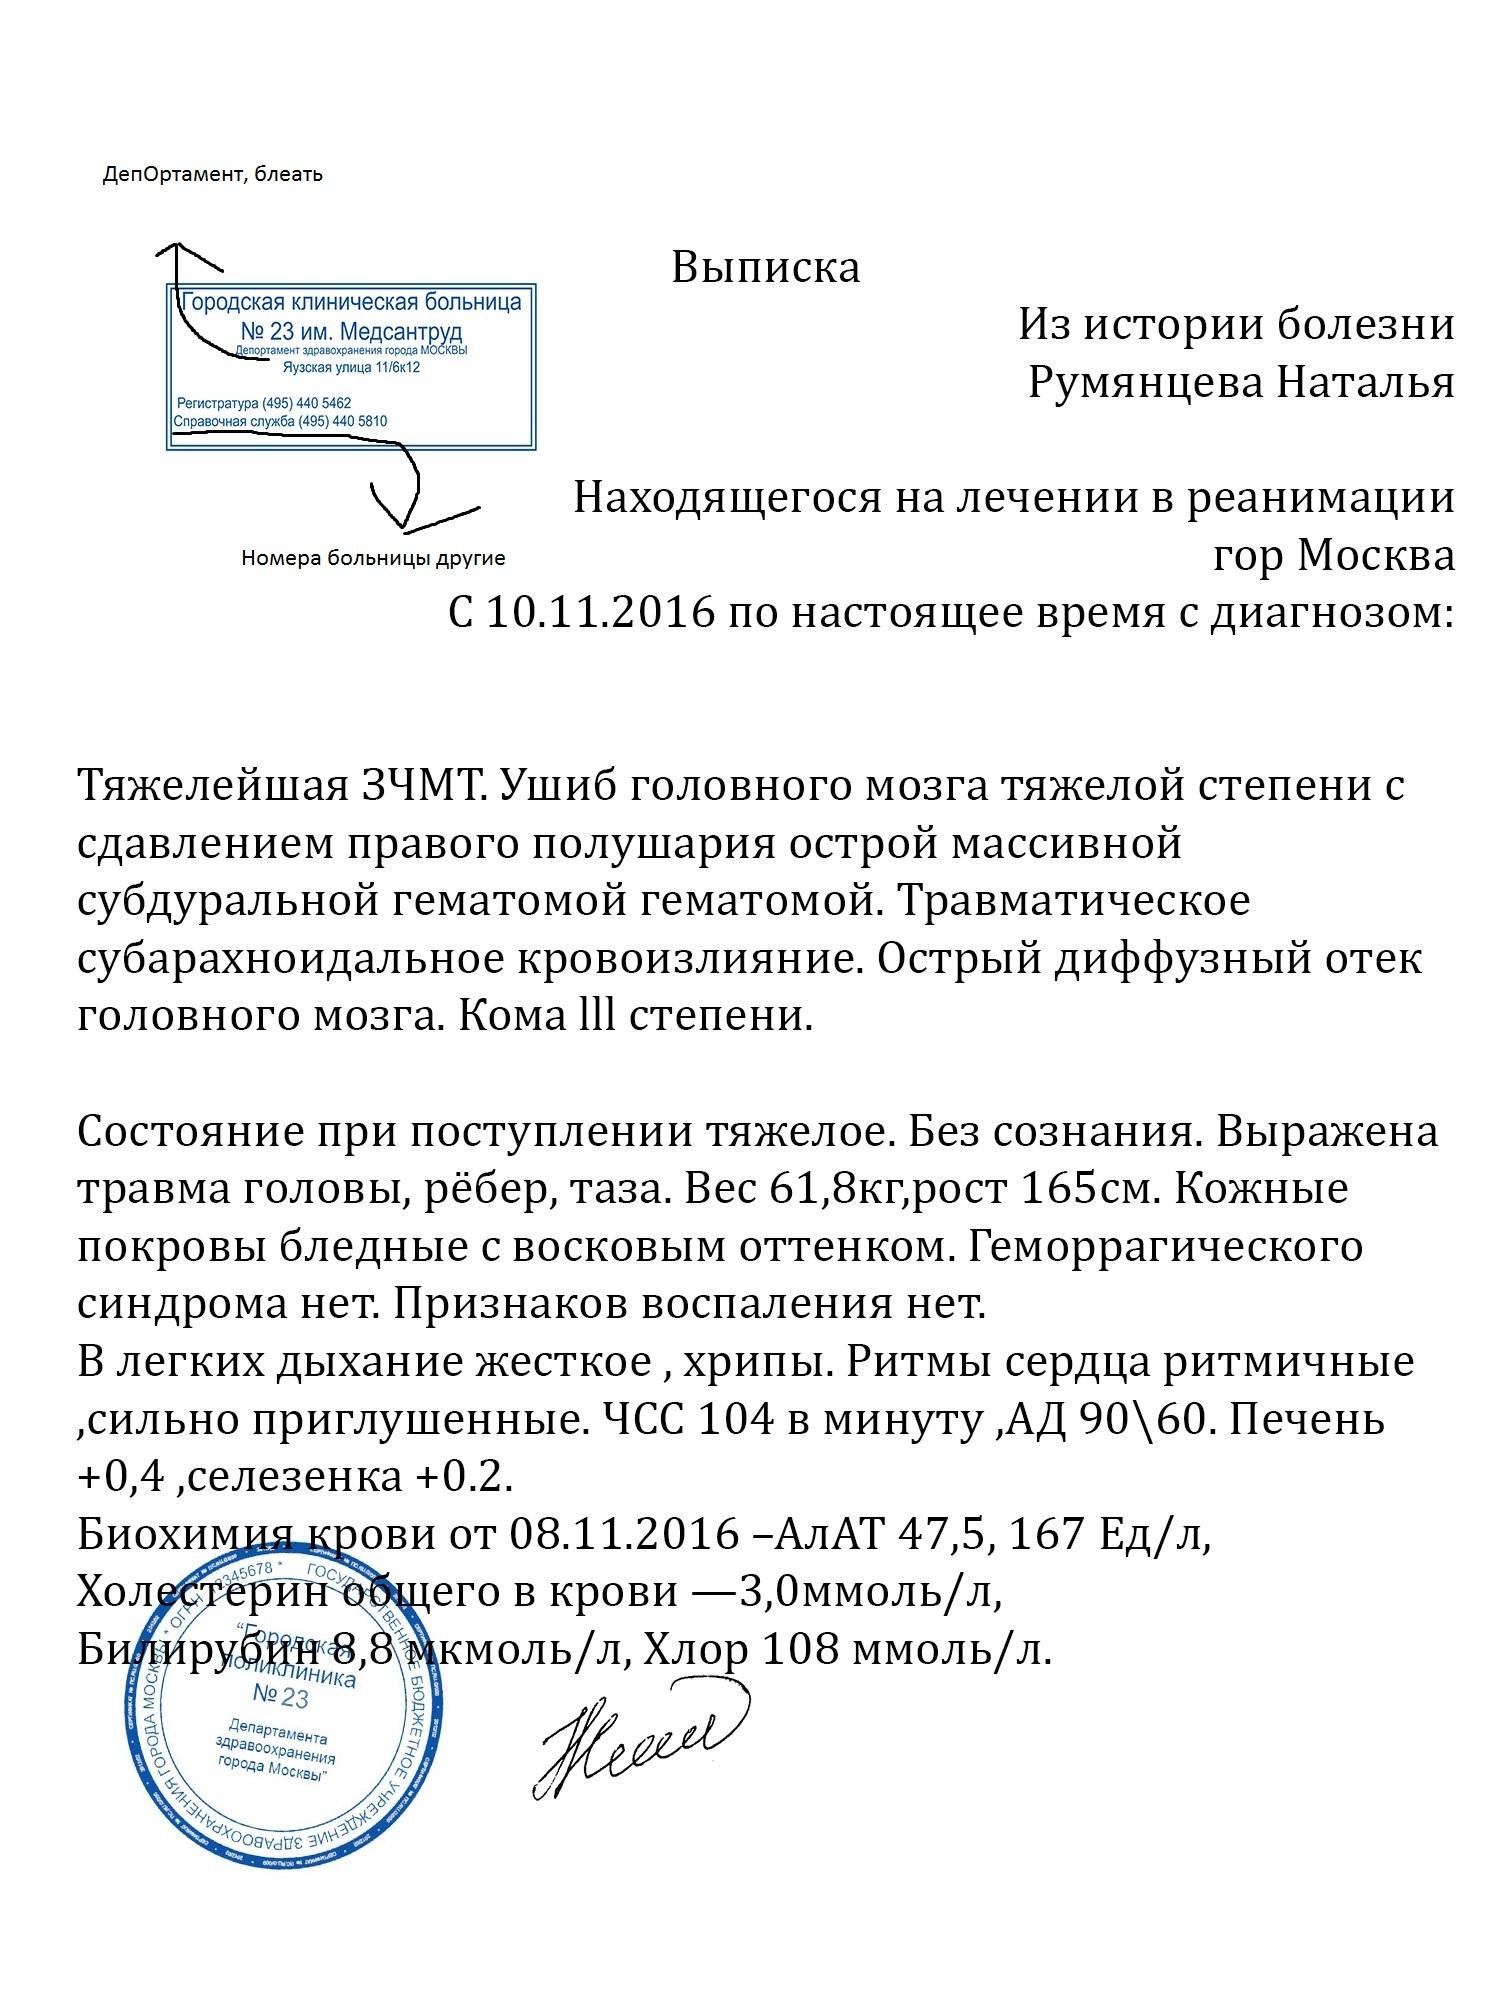 Выписной эпикриз Яхромская улица купить больничный лист в петербурге